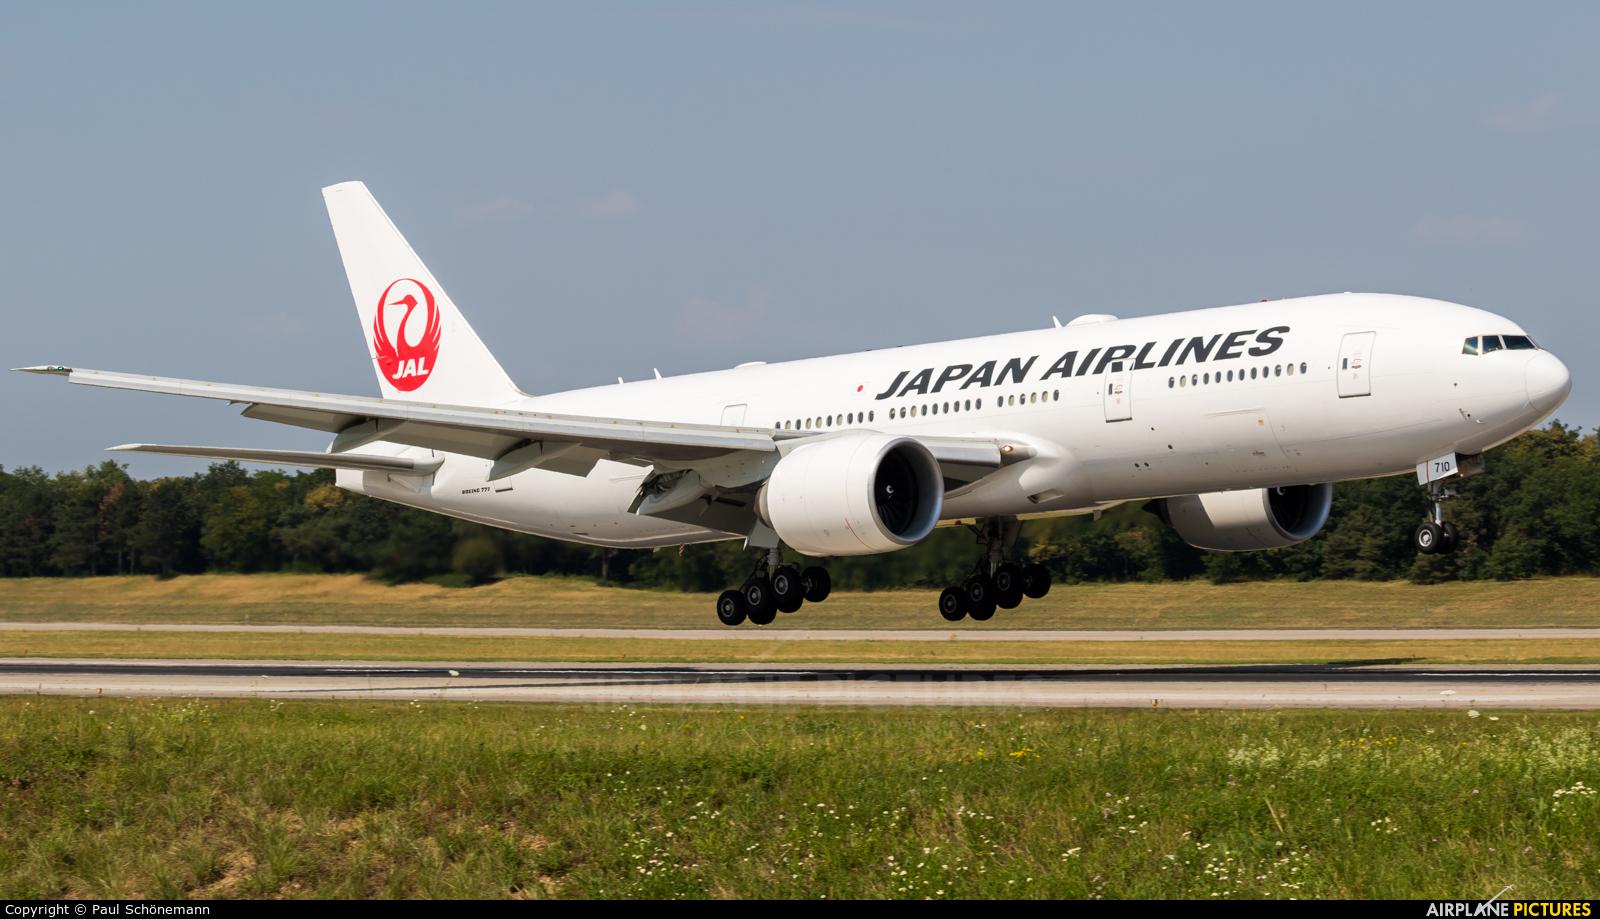 JAL - Japan Airlines JA710J aircraft at Basel - Mulhouse- Euro